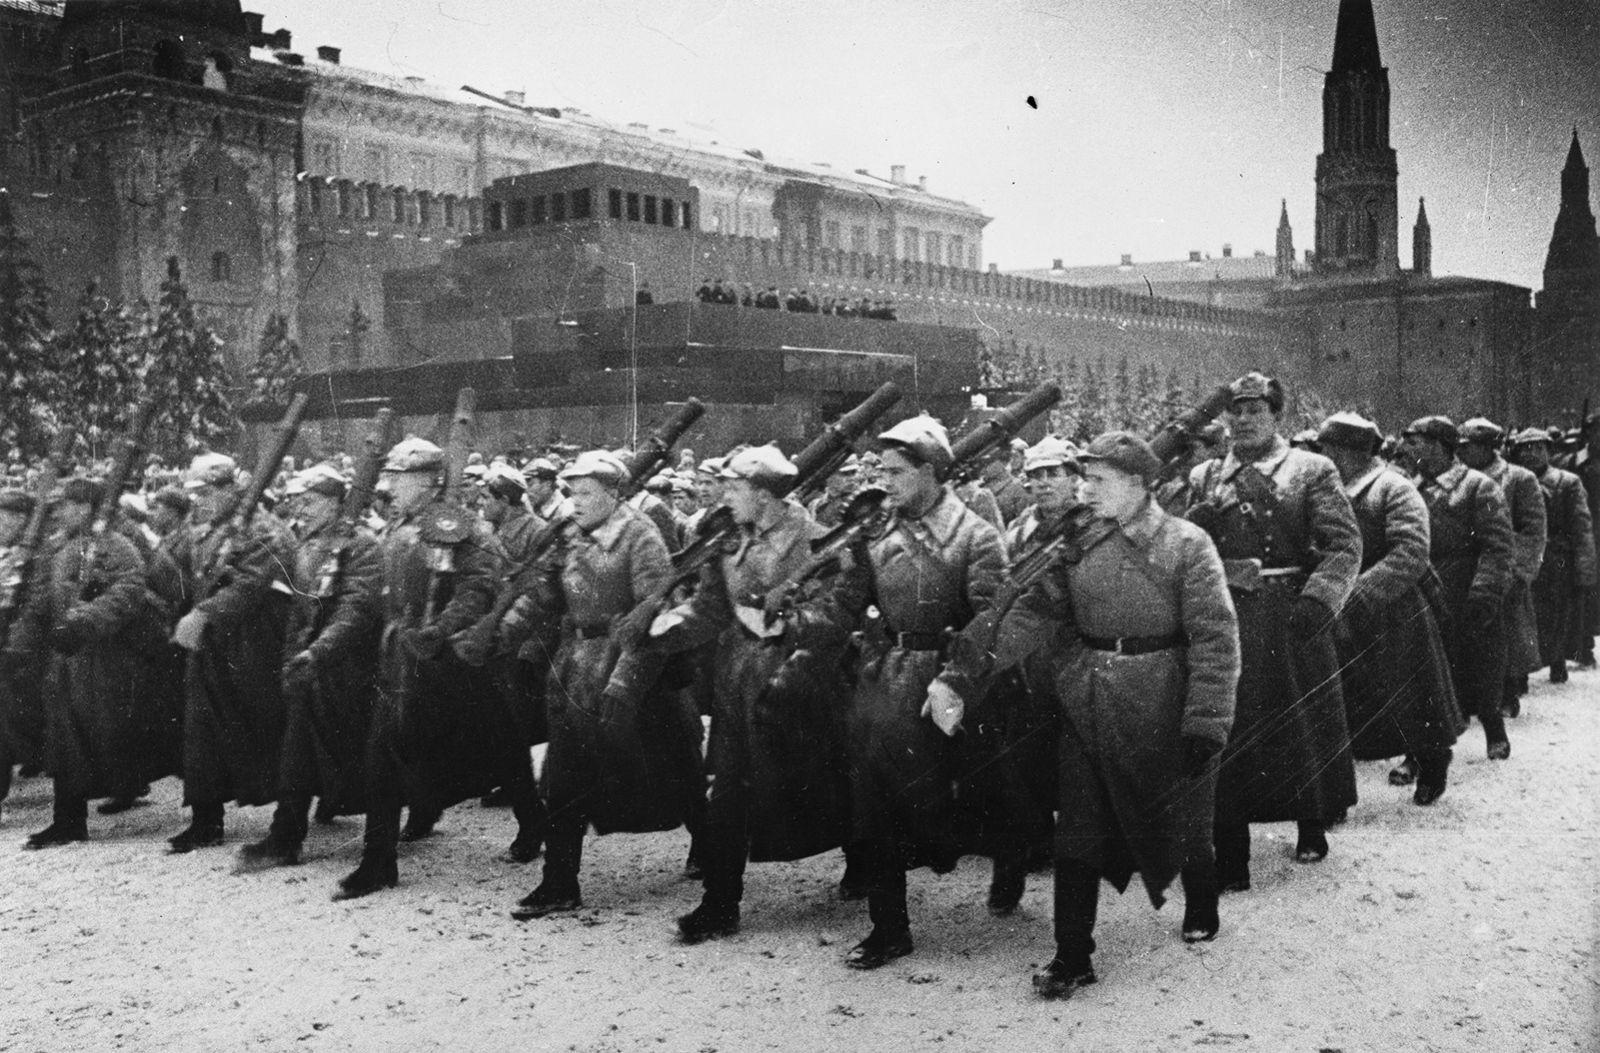 world war 2 - photo #9